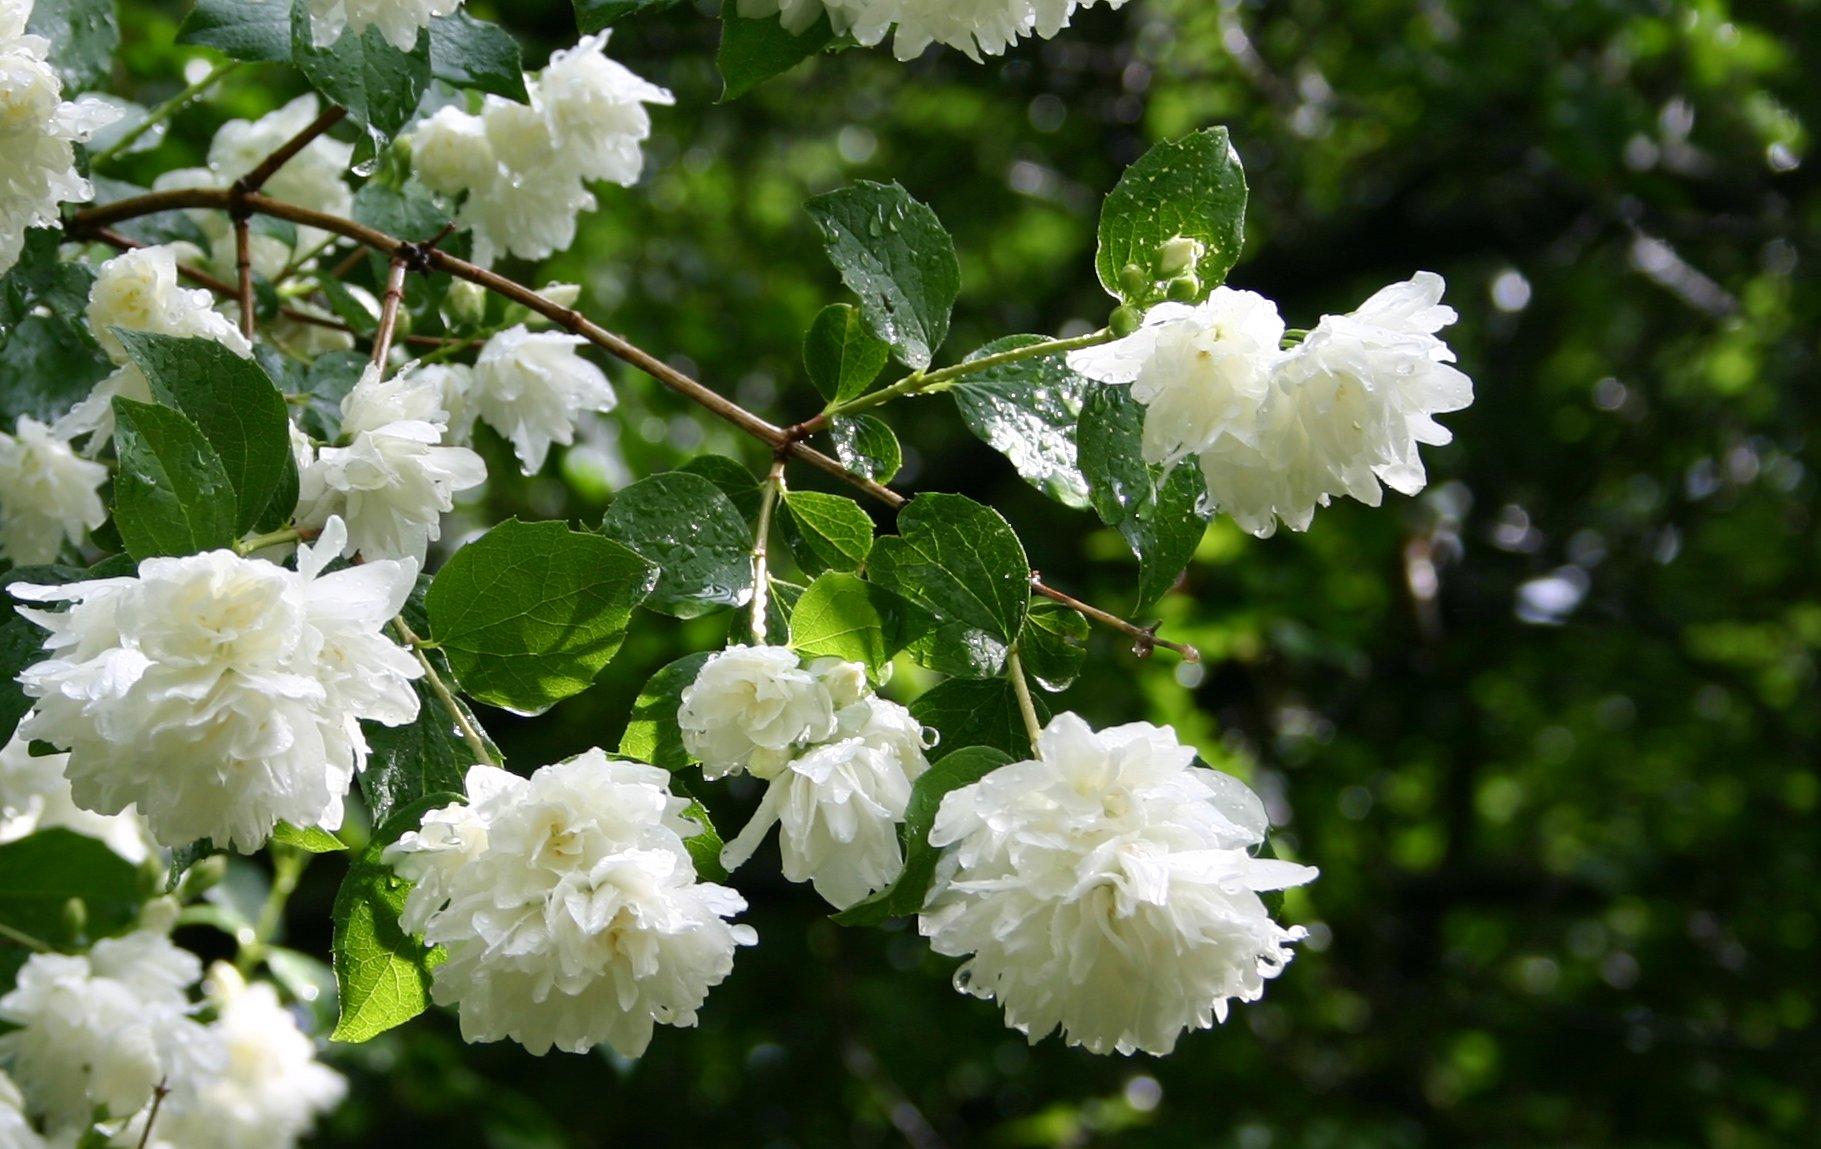 Pictures Of Jasmine Flowers Jasmine Flower Images Hd 1821x1149 Download Hd Wallpaper Wallpapertip